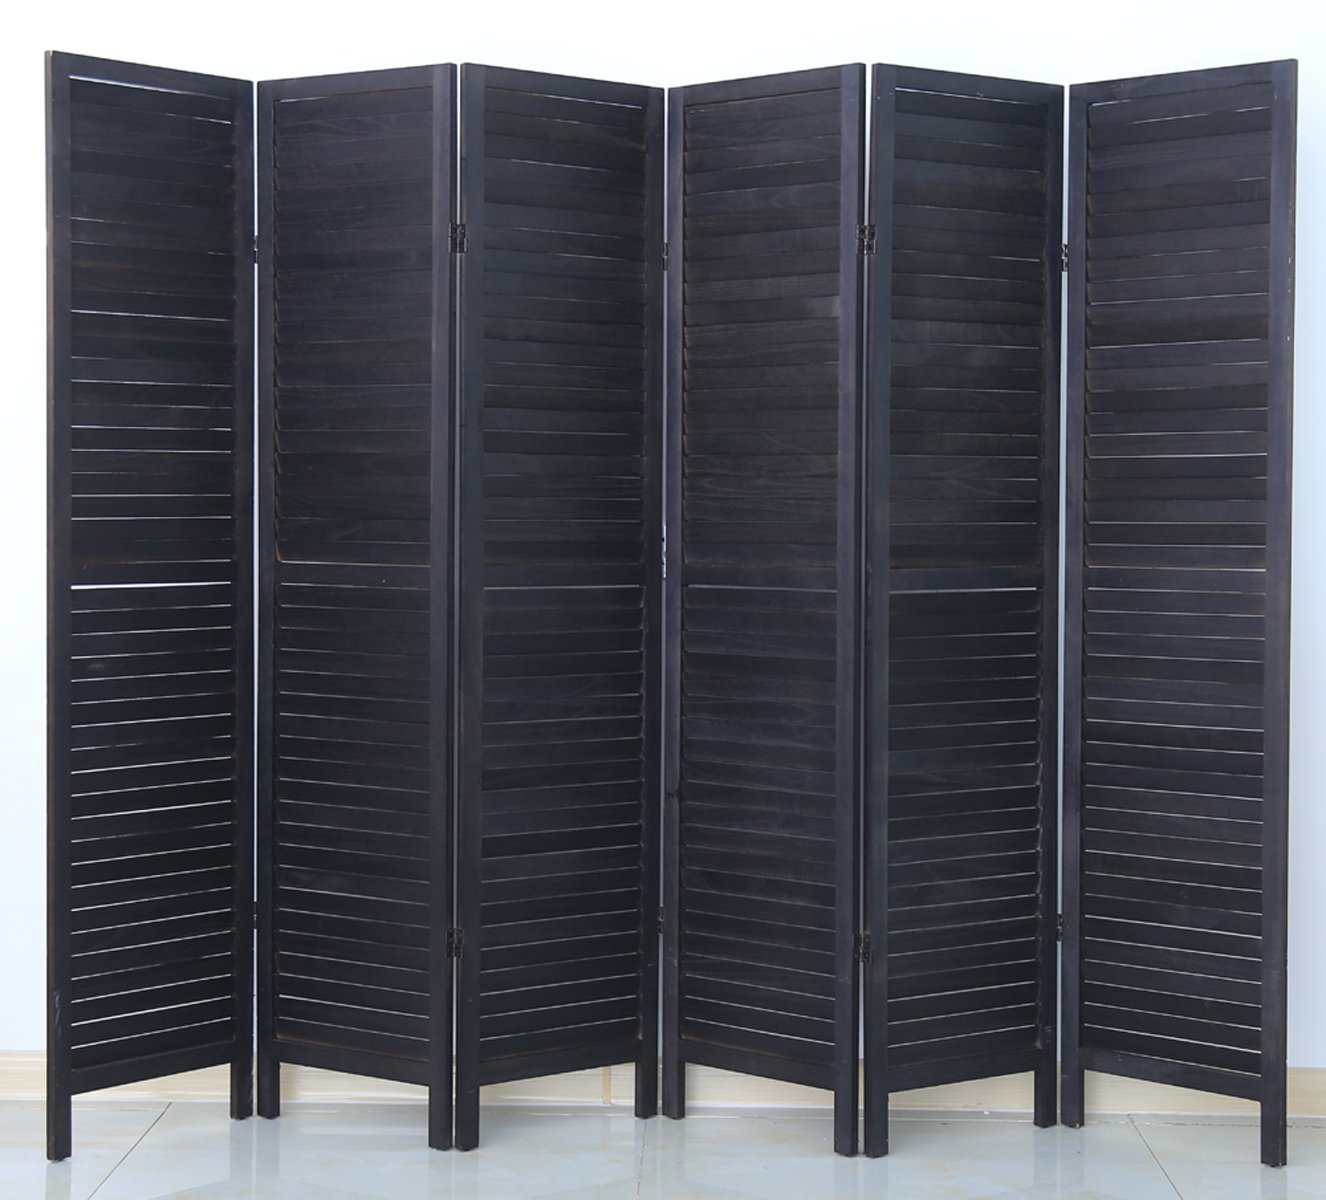 Paravent persienne de 6 pans en bois - coloris noir - Dim : H170 x L240cm - PEGANE -